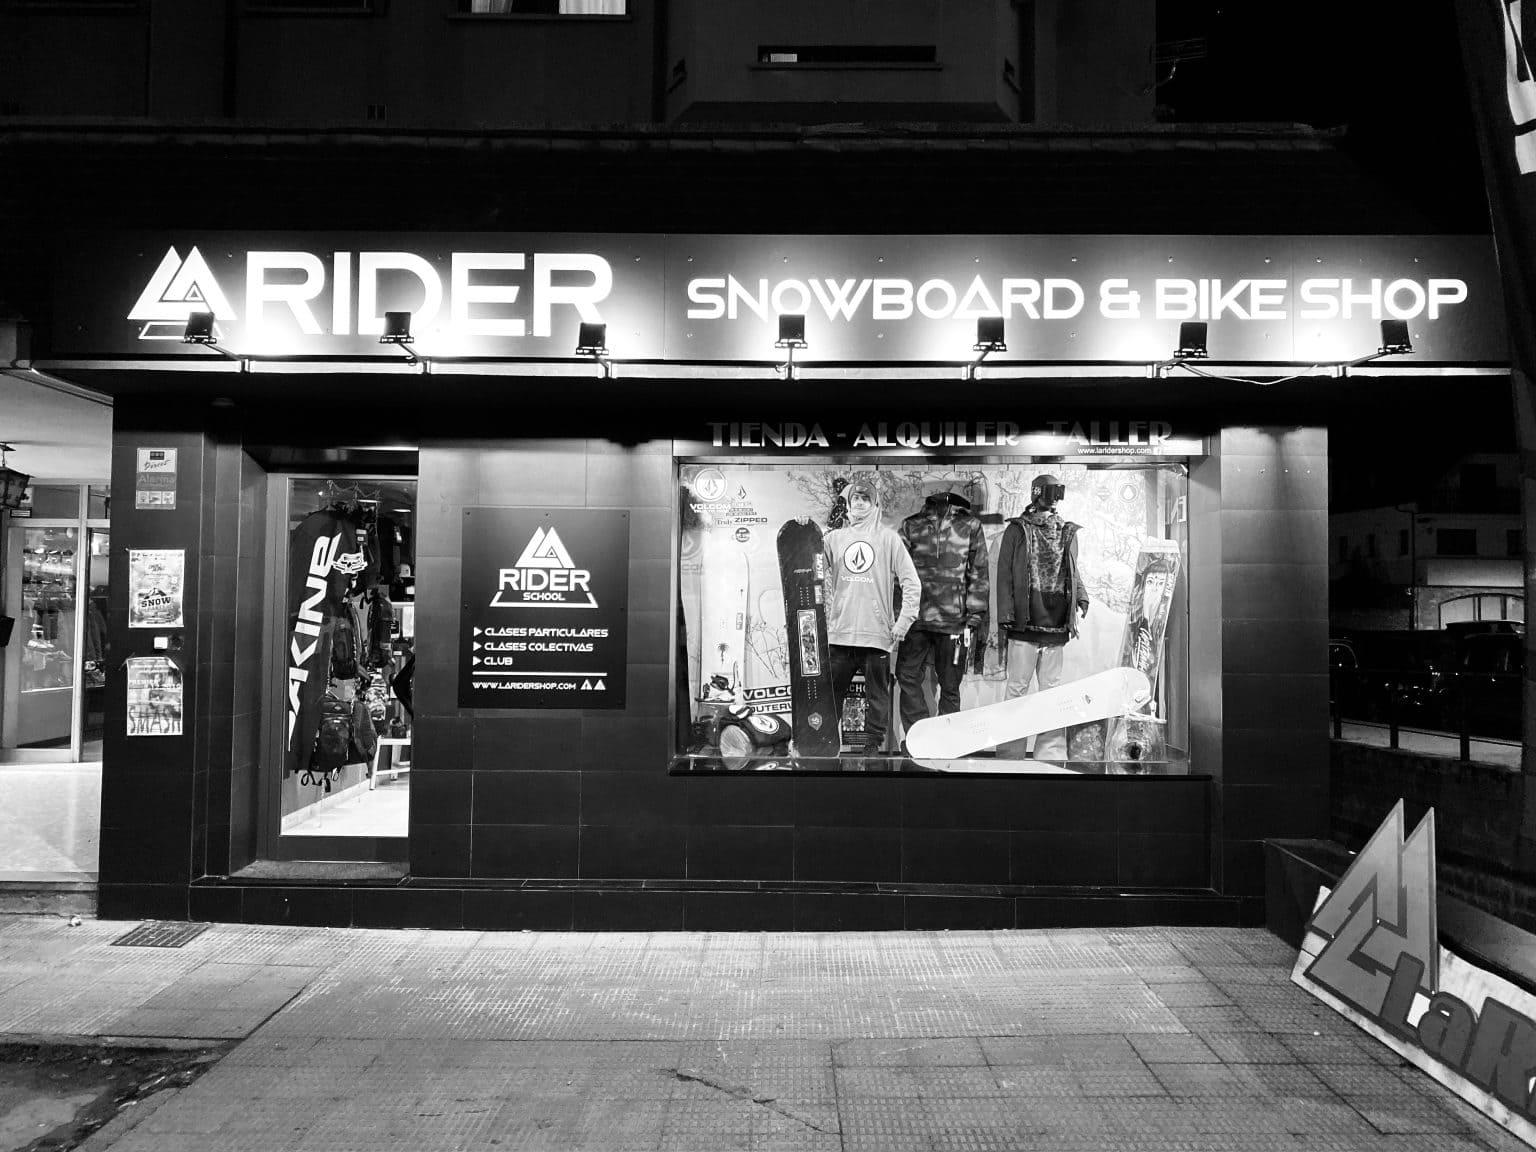 la rider bike tienda vielha